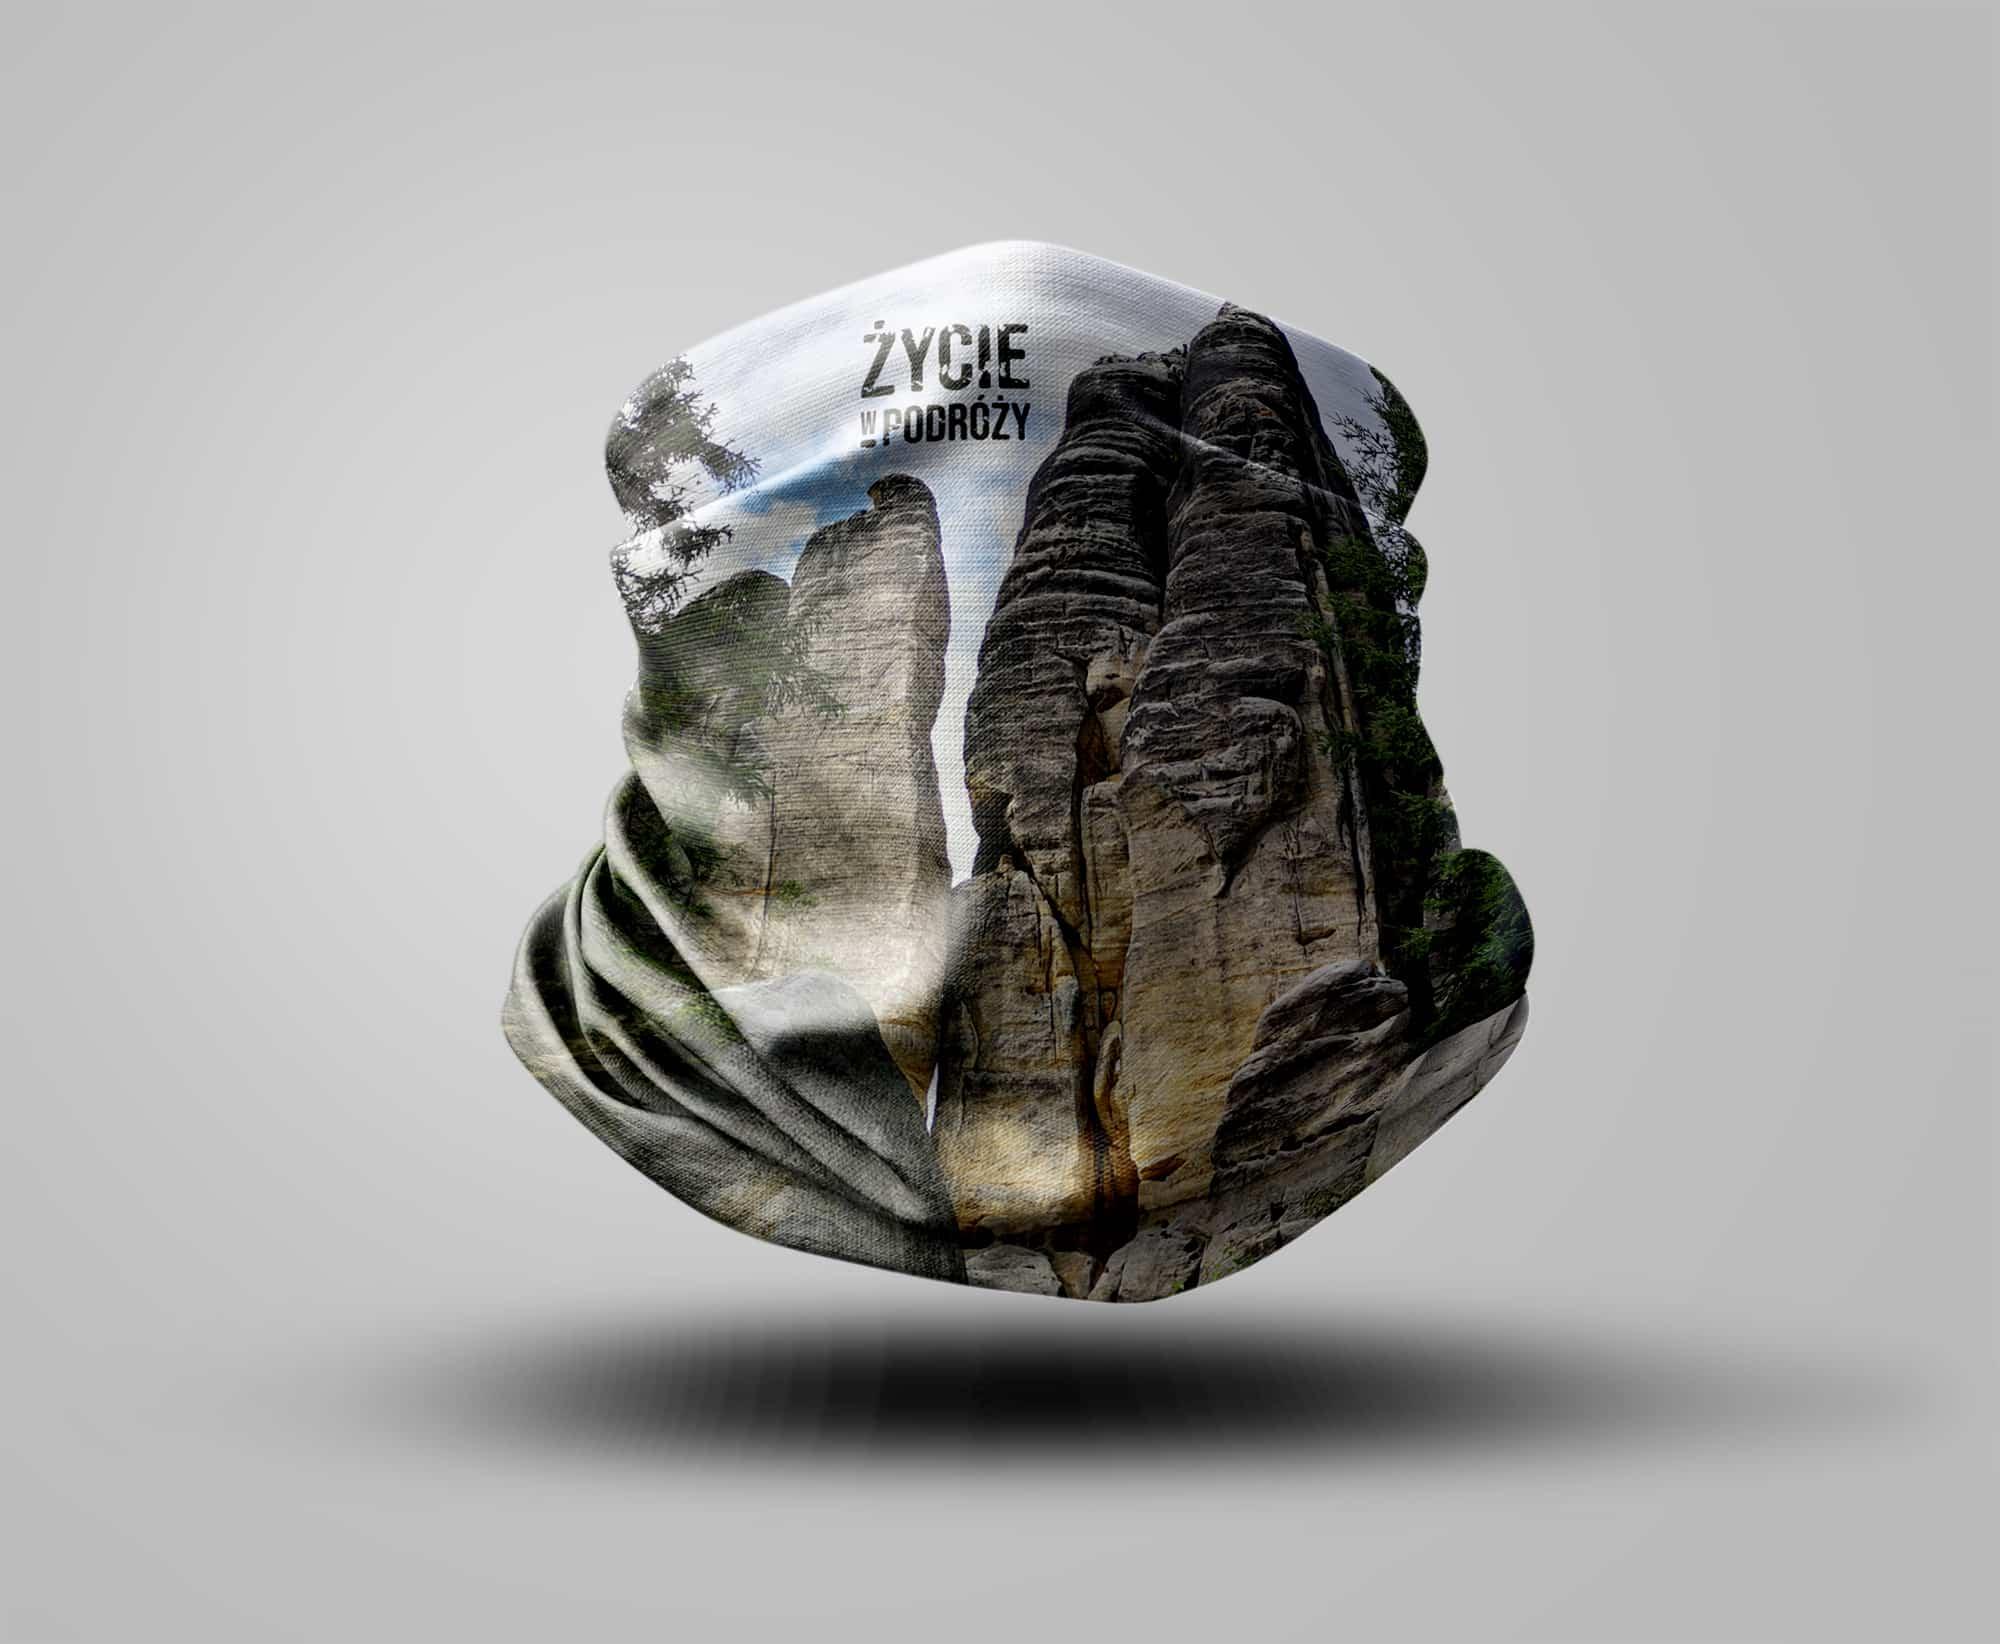 bandana chusta turystyczna komin pomysł na prezent dla podróżnika sublimacja osłona twarzy co kupić skalne miasta czechy